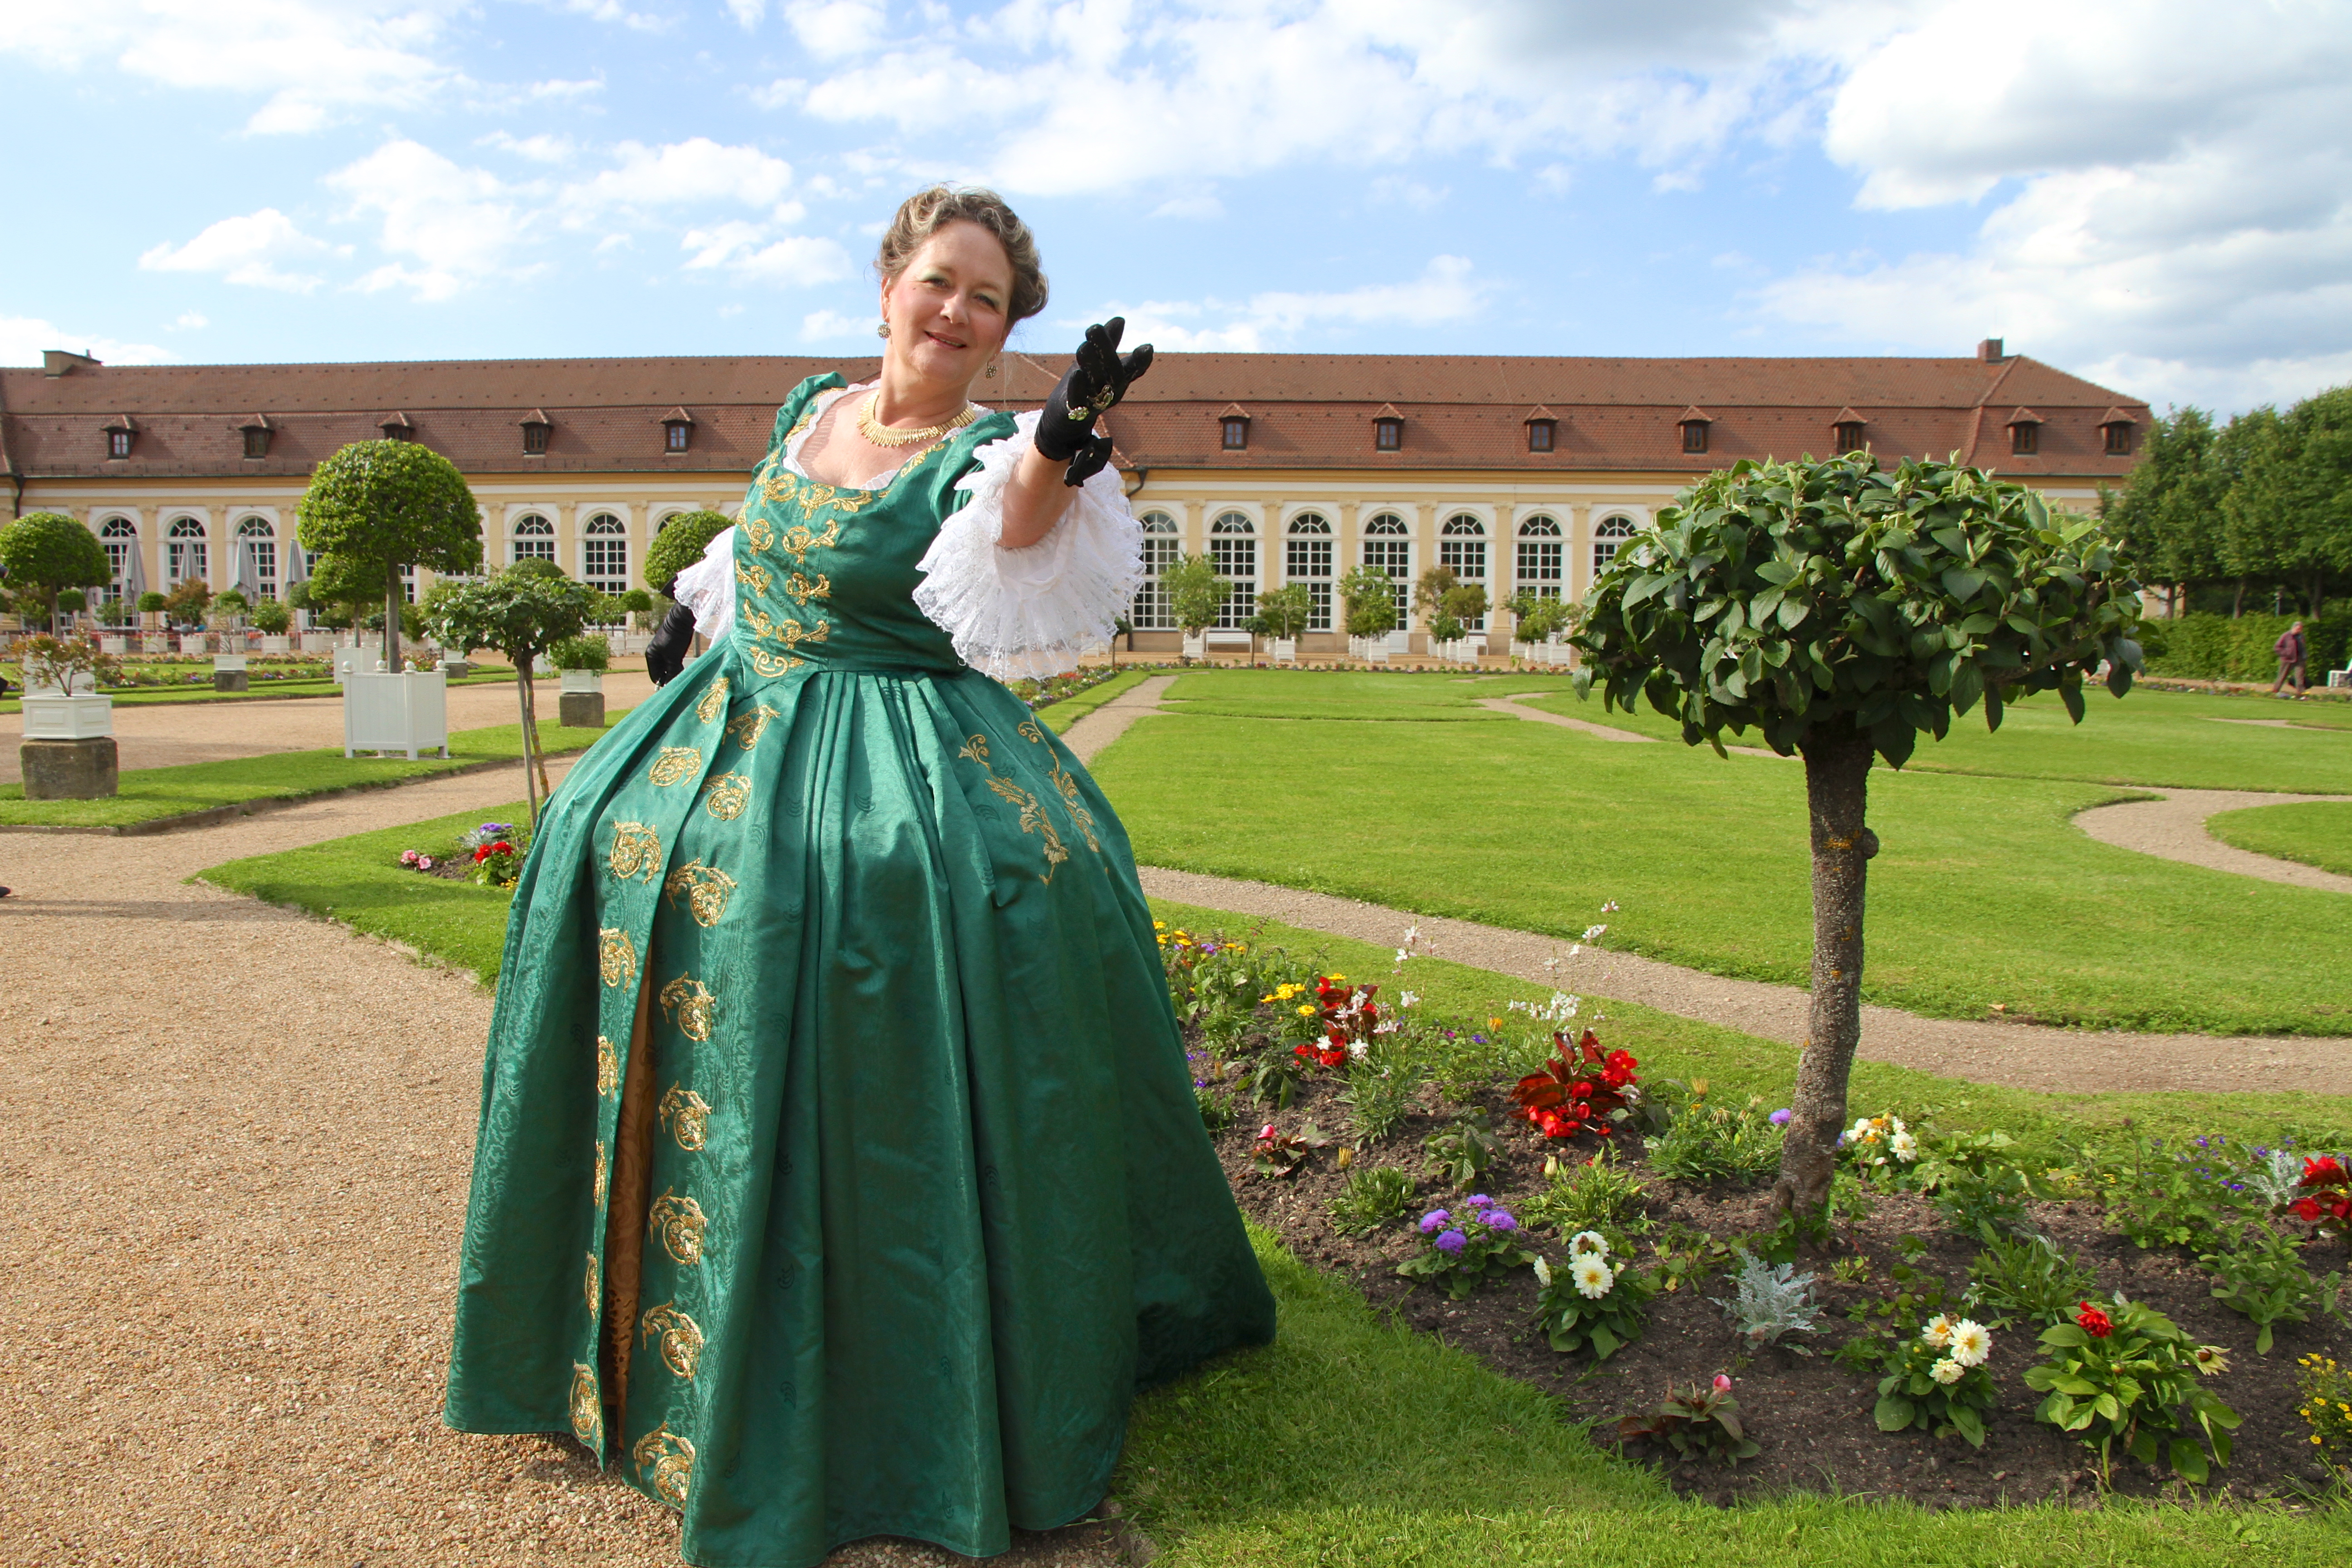 Ansbach, Franken, Gärten, Reisefeder, Reisen, blog